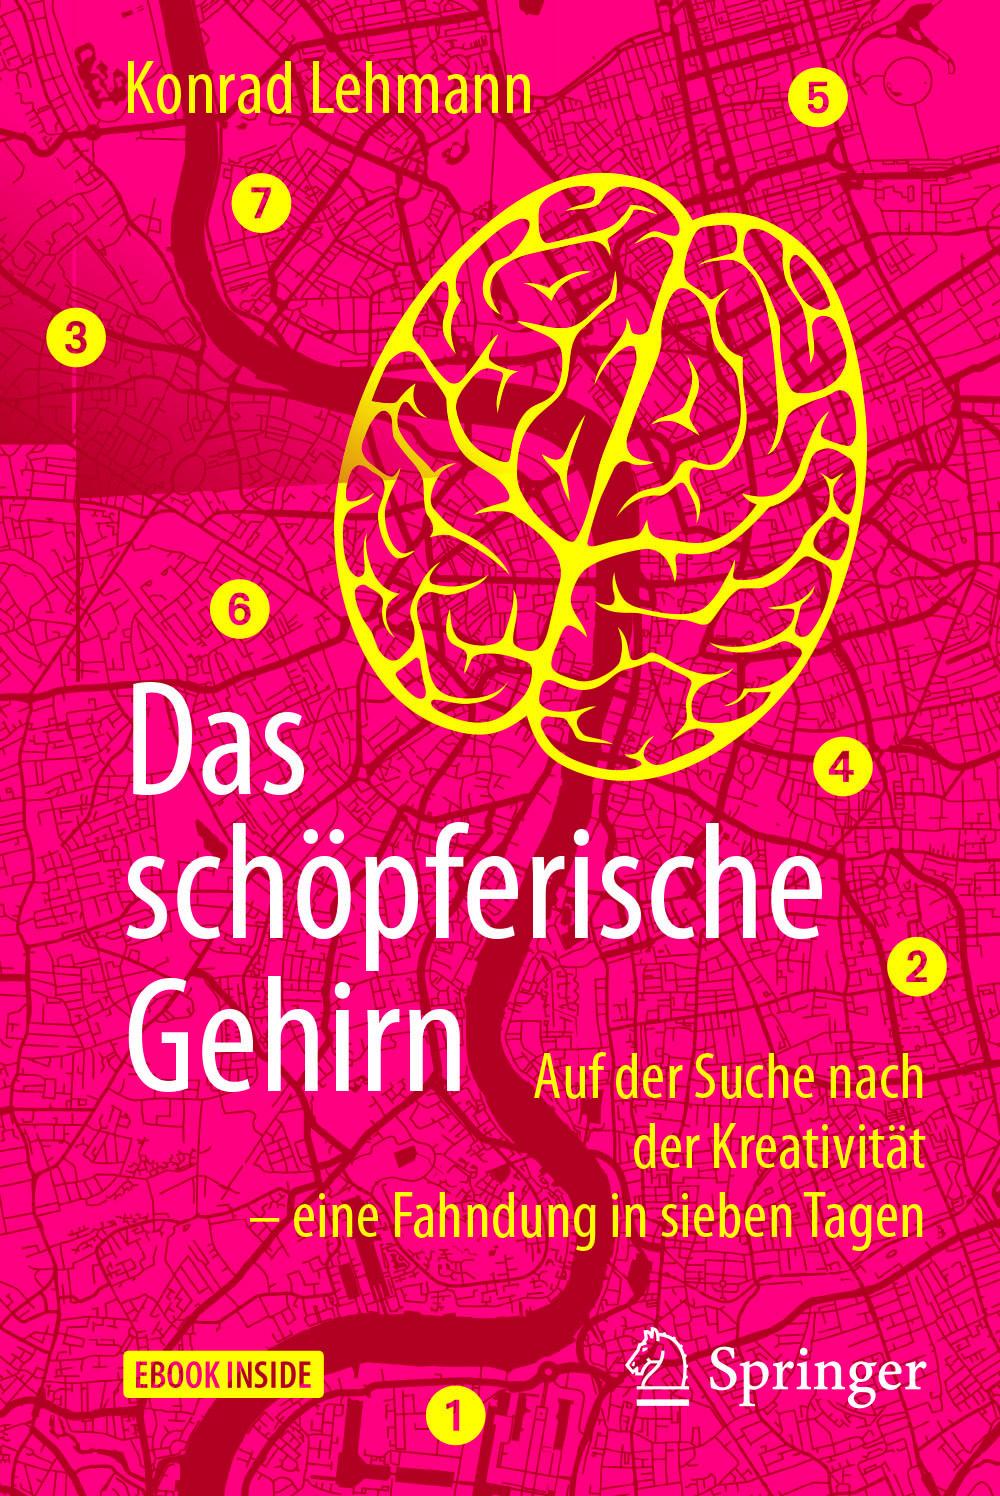 Lehmann, Konrad - Das schöpferische Gehirn, ebook